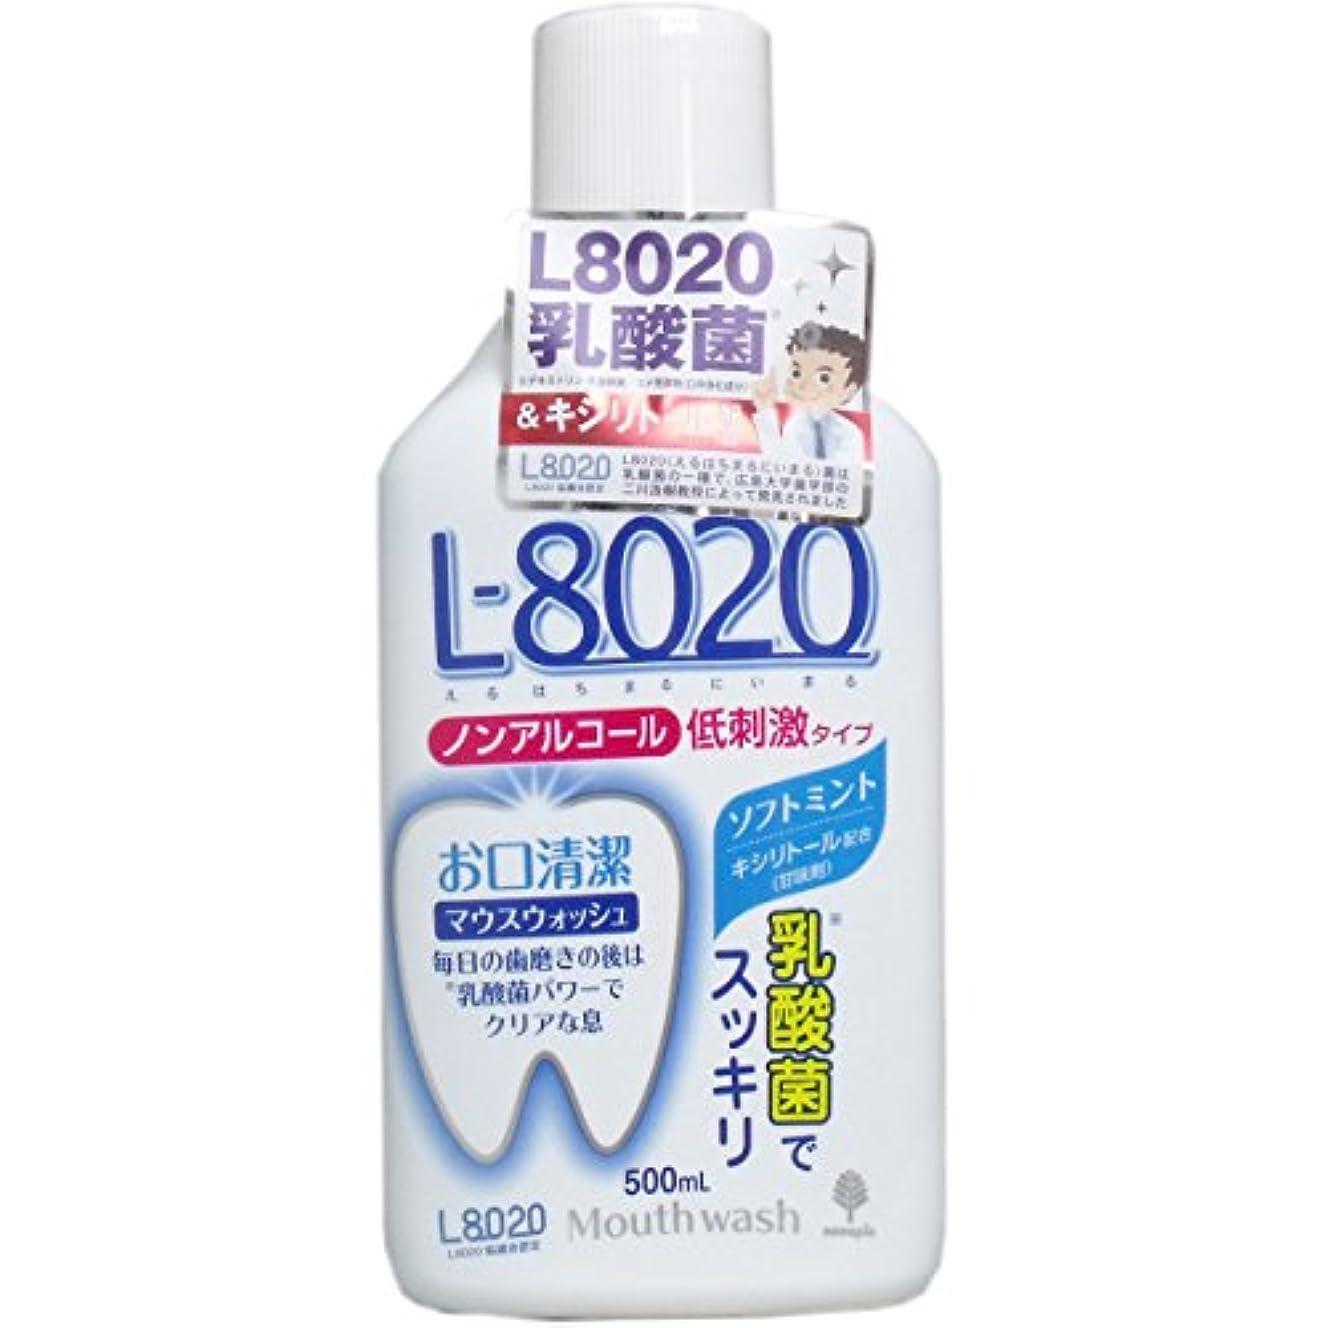 鎮静剤レンズコントロール【20個セット】紀陽除虫菊 マウスウォッシュ クチュッペL-8020 ソフトミント(ノンアルコール) 500ml×20個